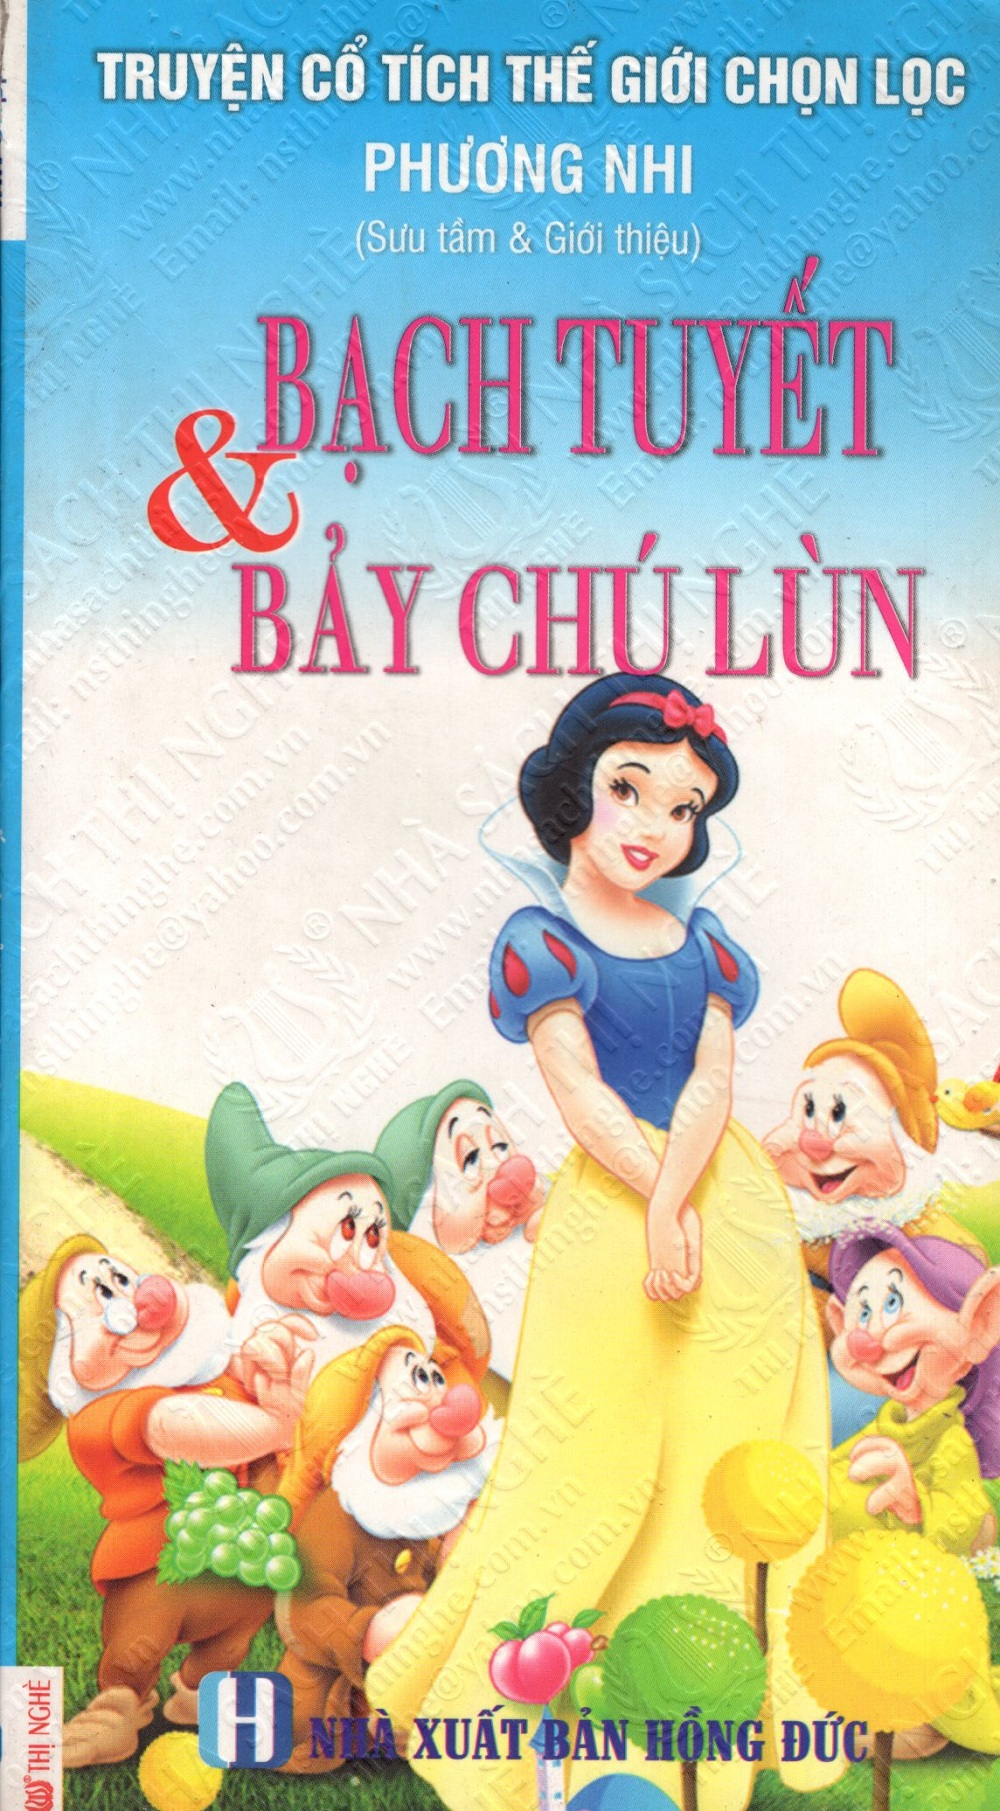 Bìa sách Truyện Cổ Tích Thế Giới Chọn Lọc: Bạch Tuyết  Bảy Chú Lùn